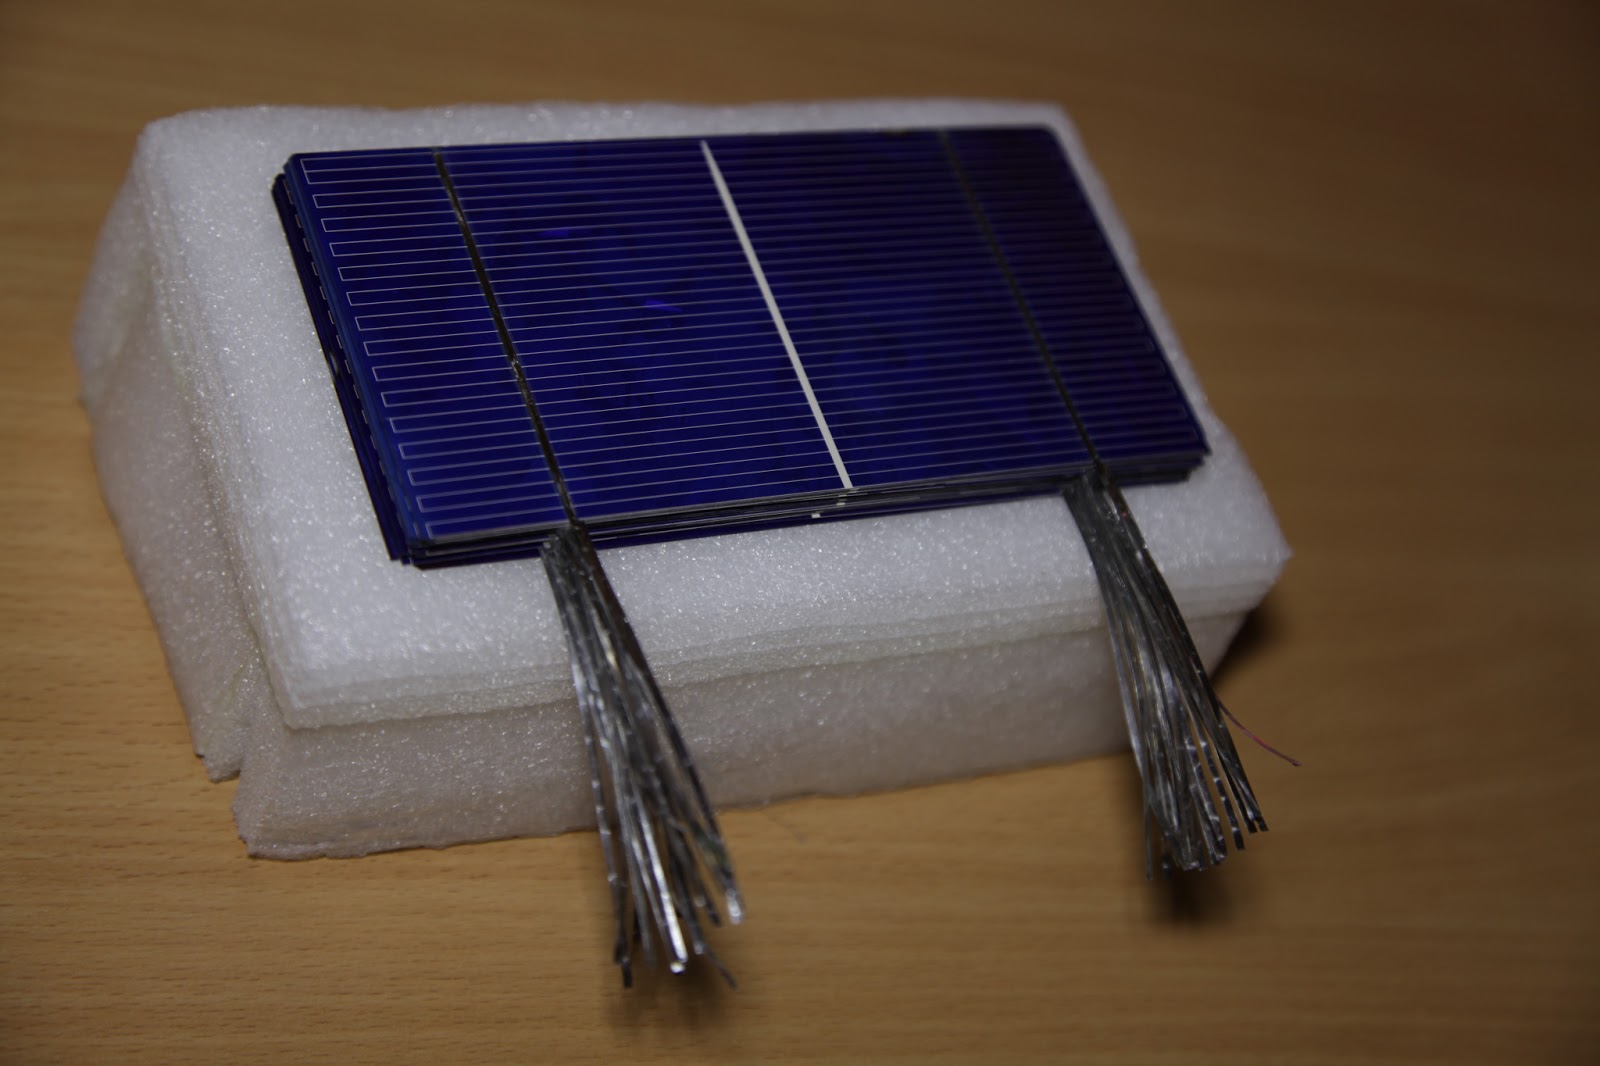 Как собрать солнечную панель своими руками - Econet 13